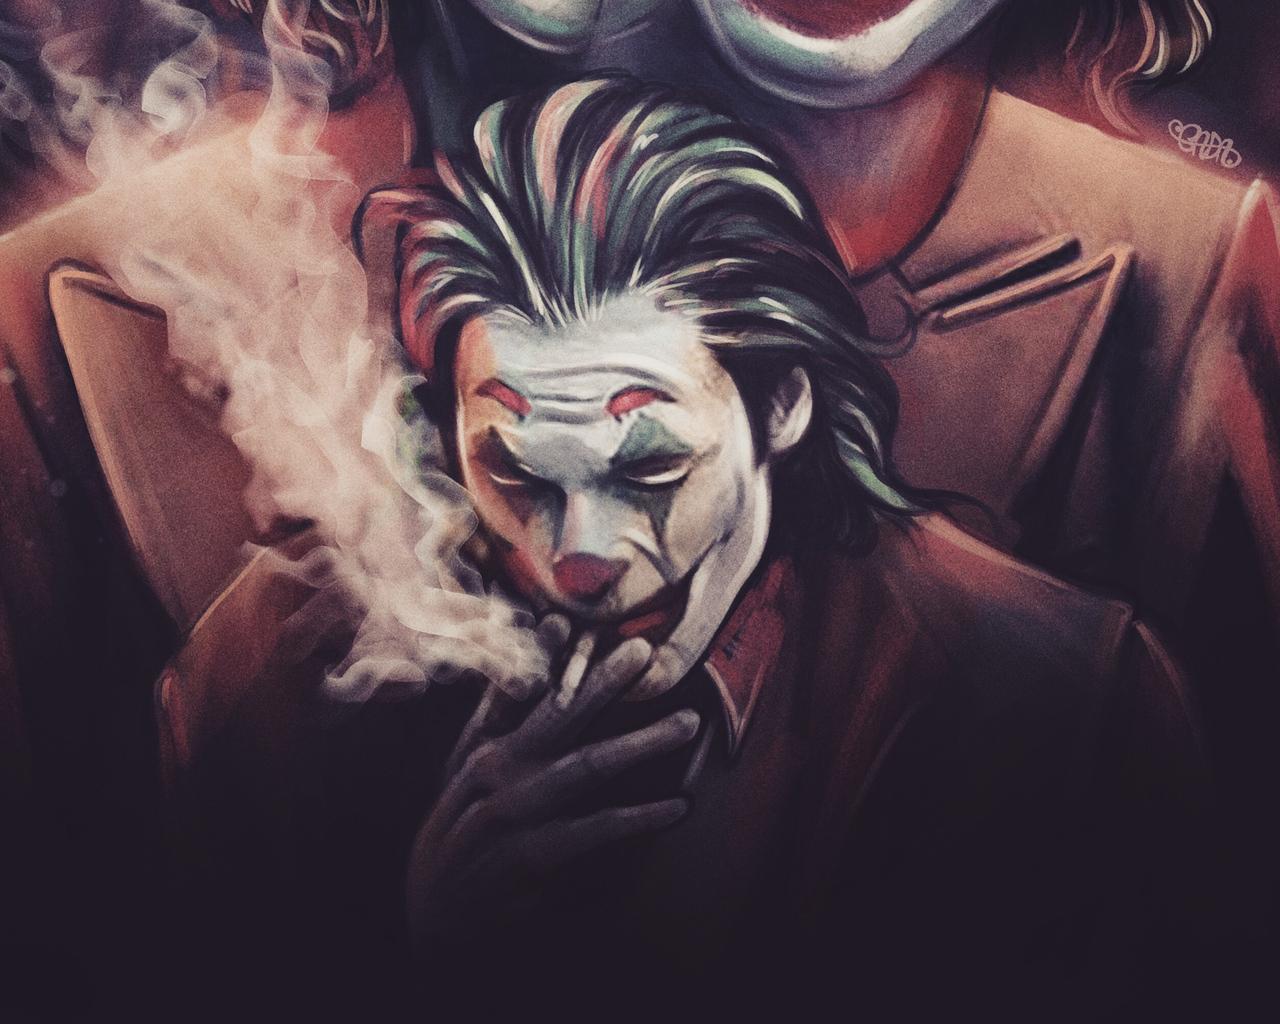 joker-smoker-art-rm.jpg